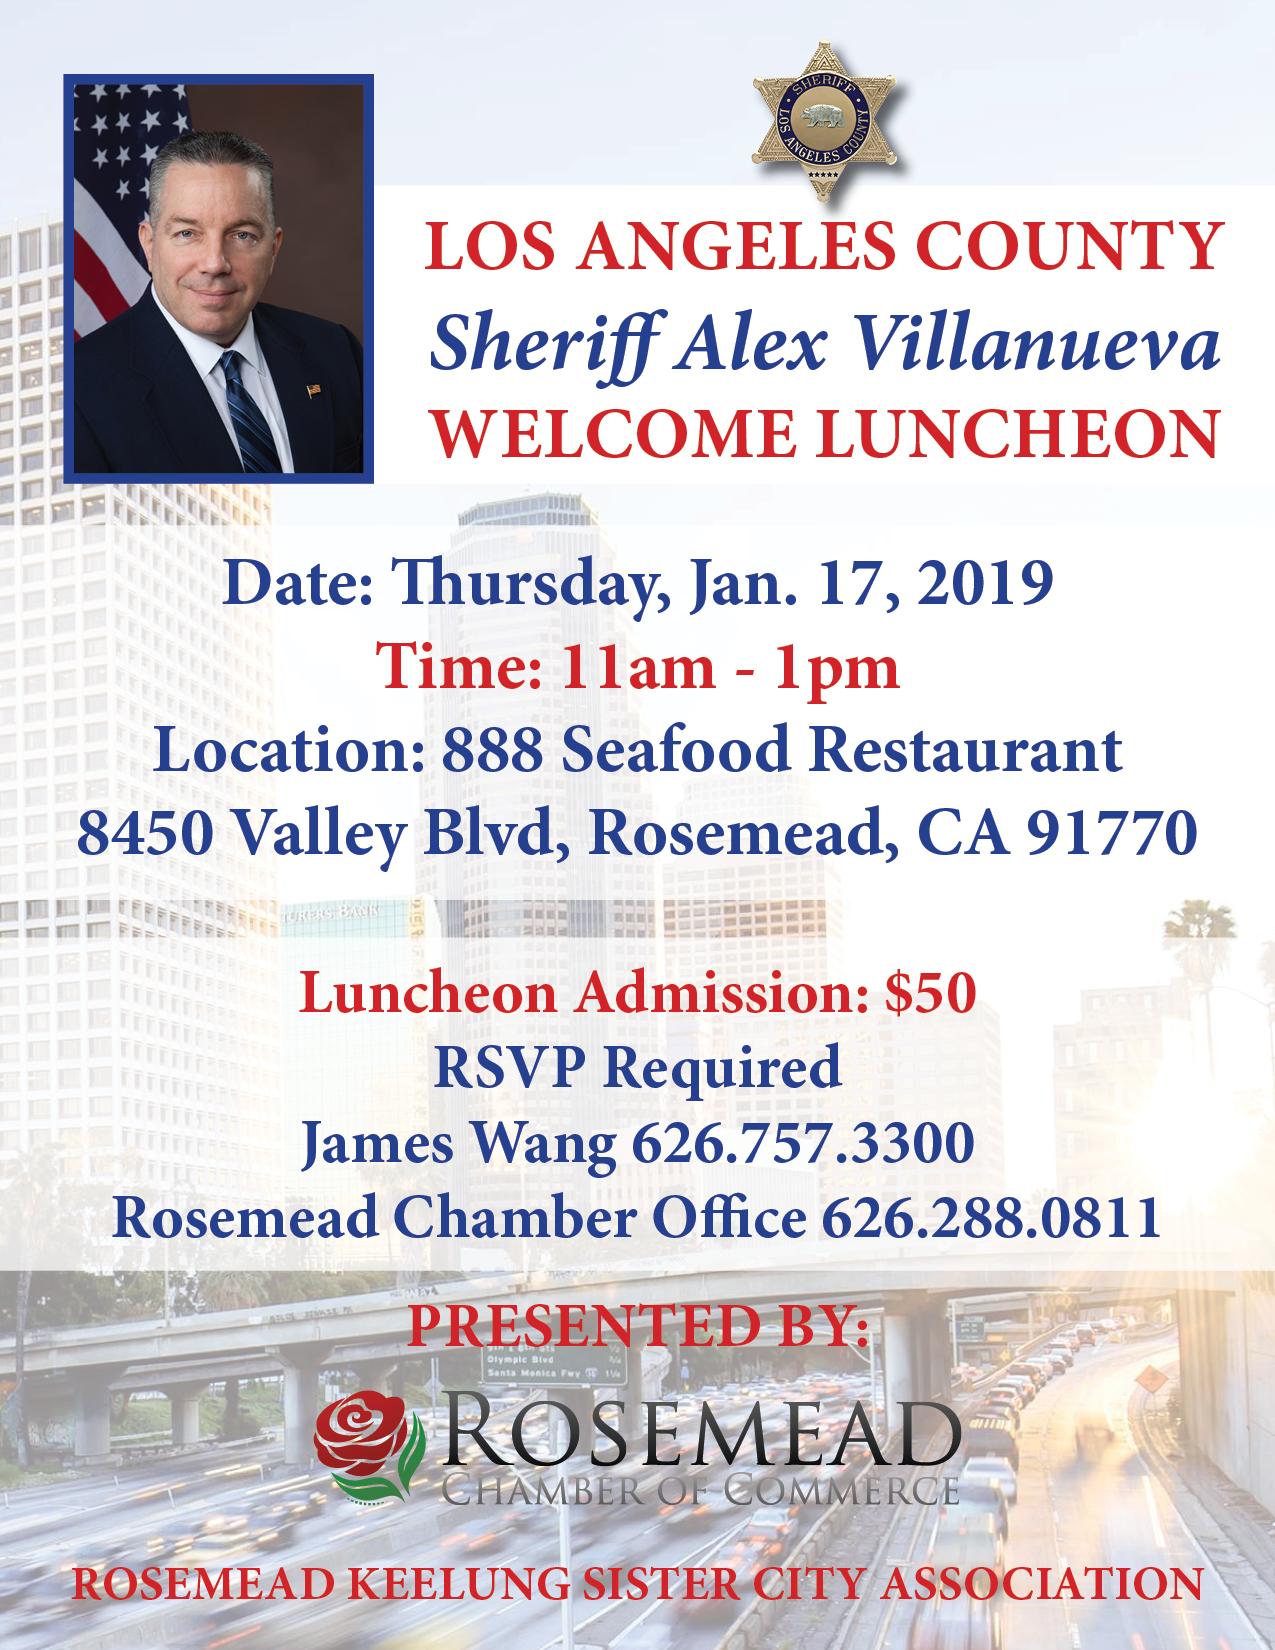 lasd alex villanueva welcome luncheon - January 17th, 2019